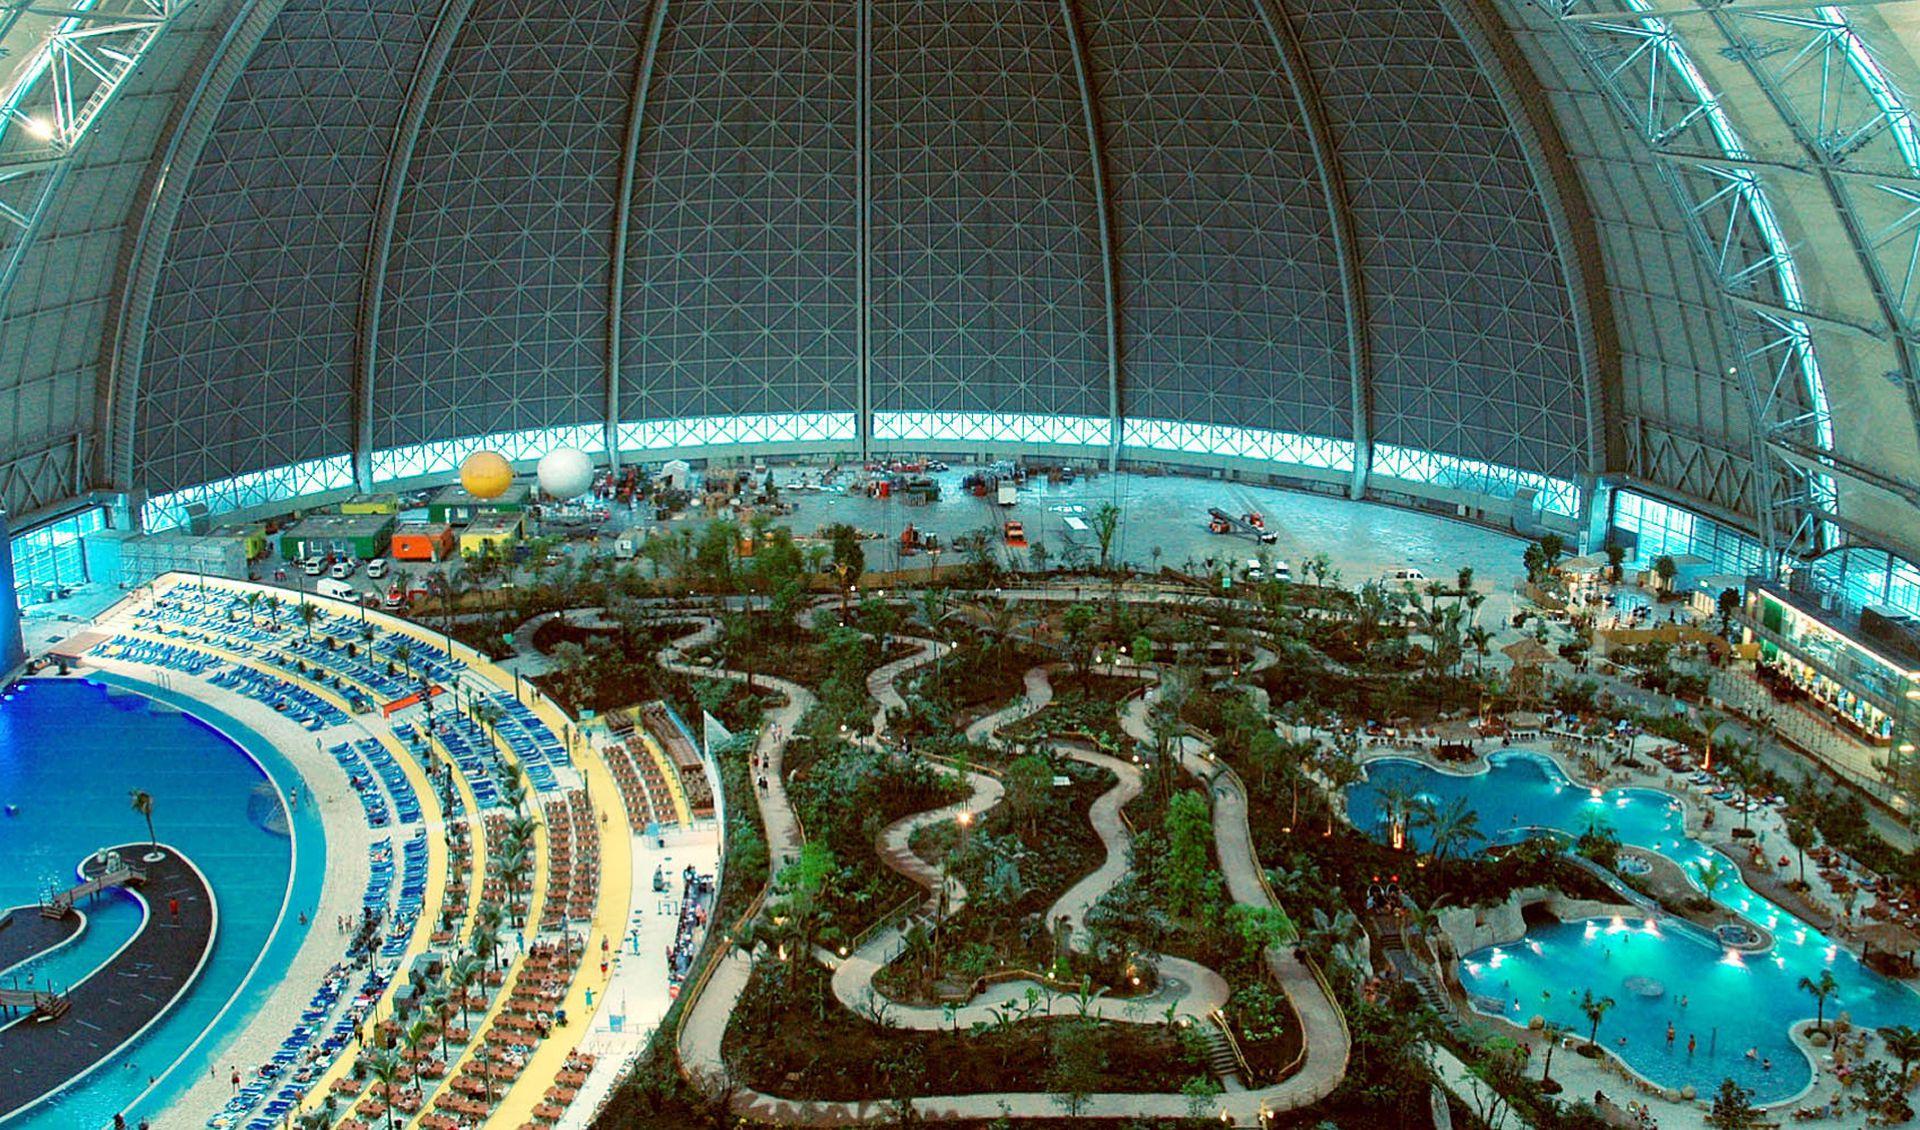 Самый большой аквапарк в мире Москве Турции Дубае Где находится лучший крытый и открытый аквапарк Рейтинг фото